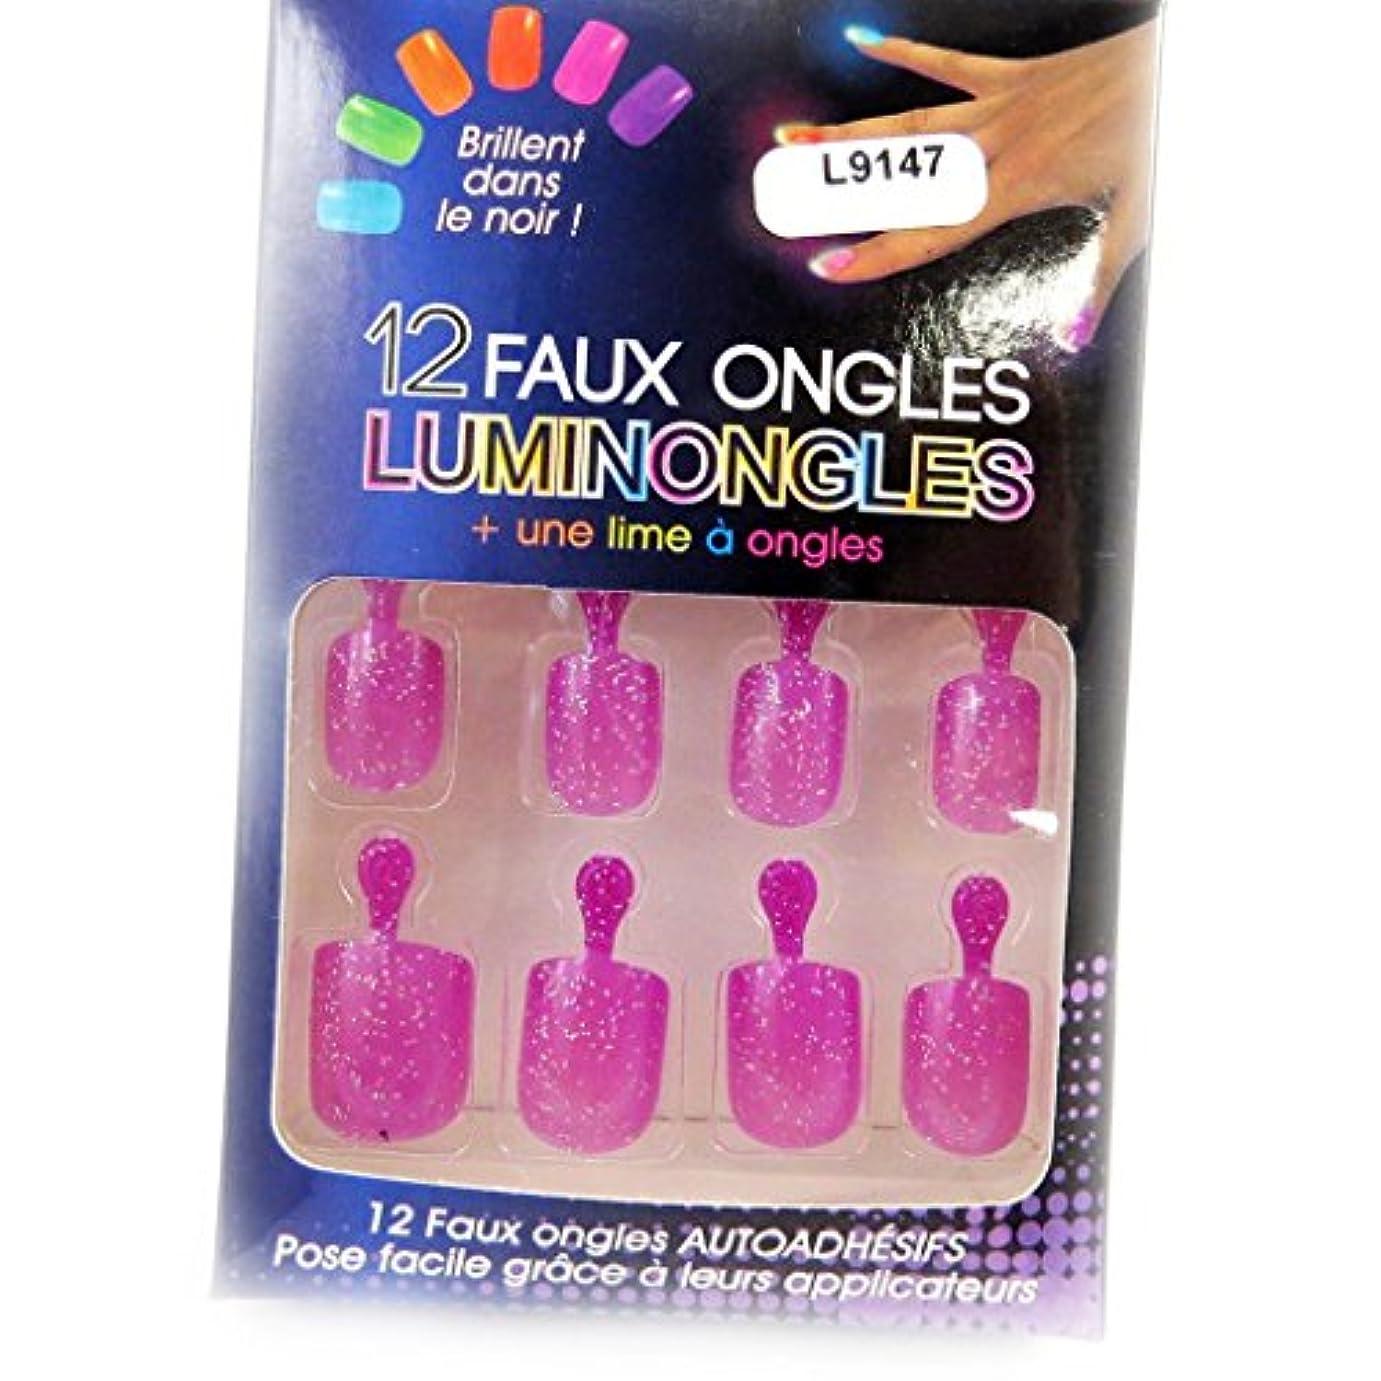 してはいけない顧問テザー[リリーの宝 (Les Tresors De Lily)] (Luminongles コレクション) [L9147] アクリルスカルプチュア ピンク